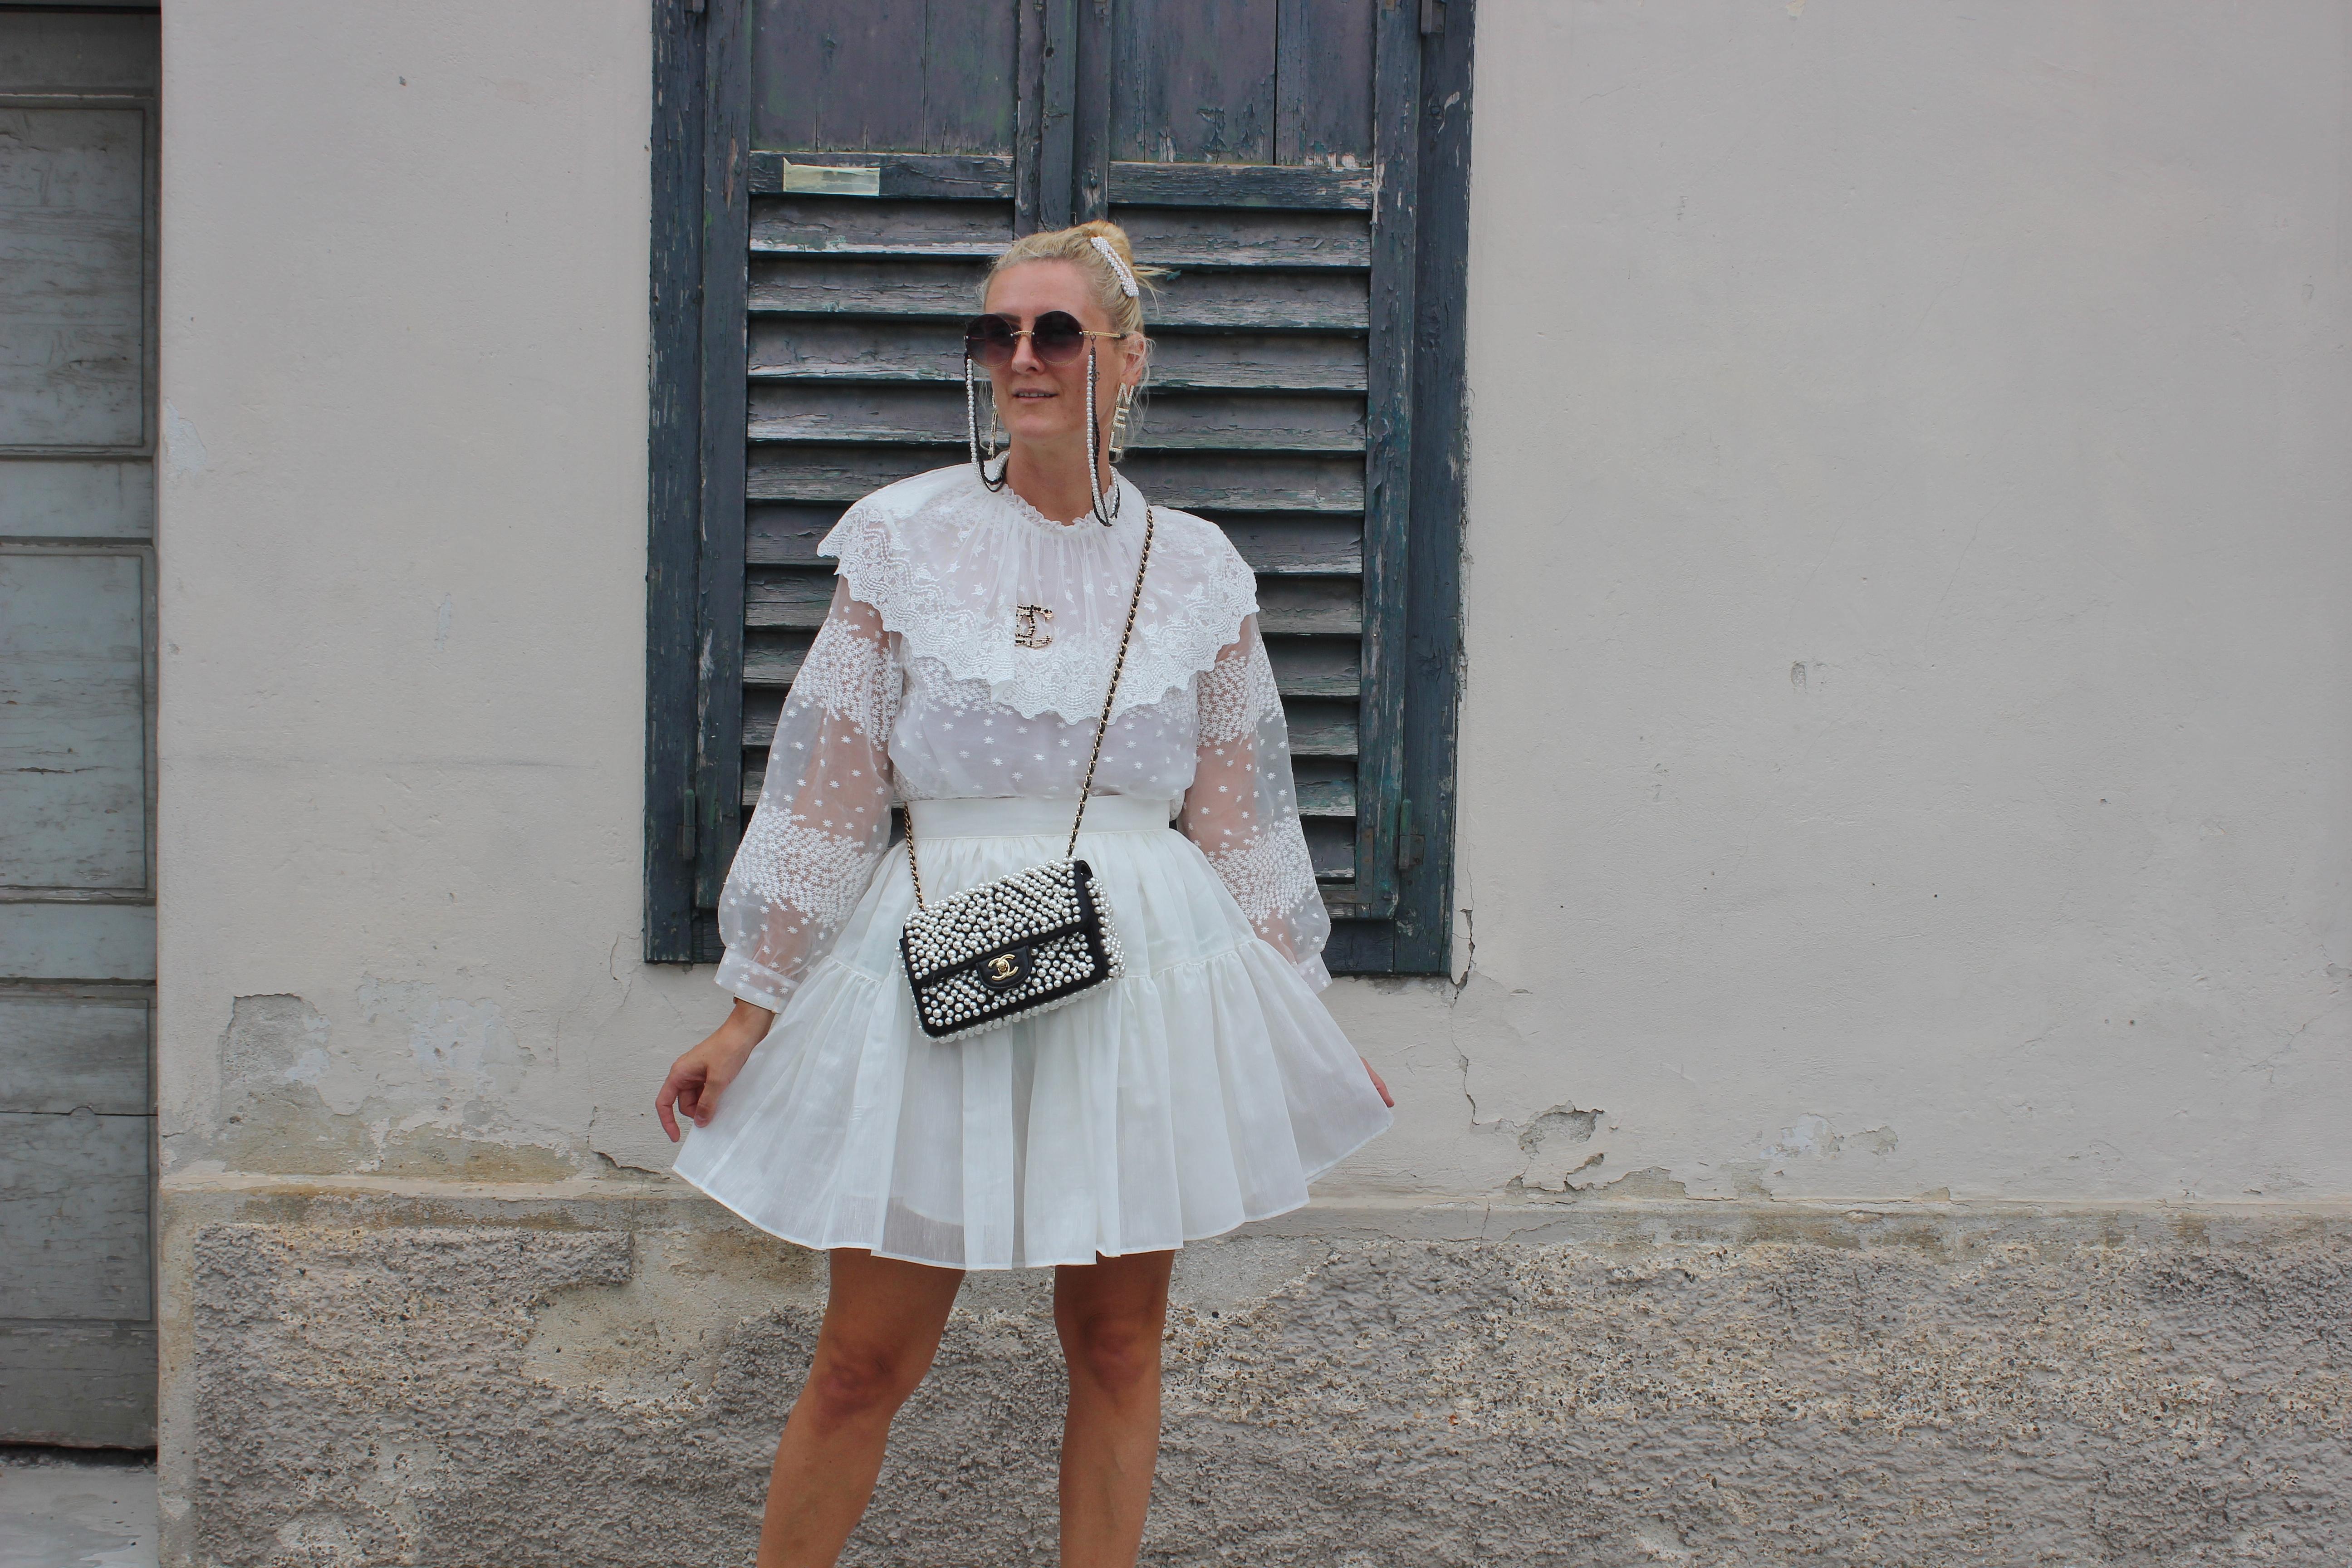 Strappy-Heels-Schuhtrends-Sandalen-Riemchensandalen-Chanel-Perlentasche-carrieslifestyle-TAmara-Prutsch